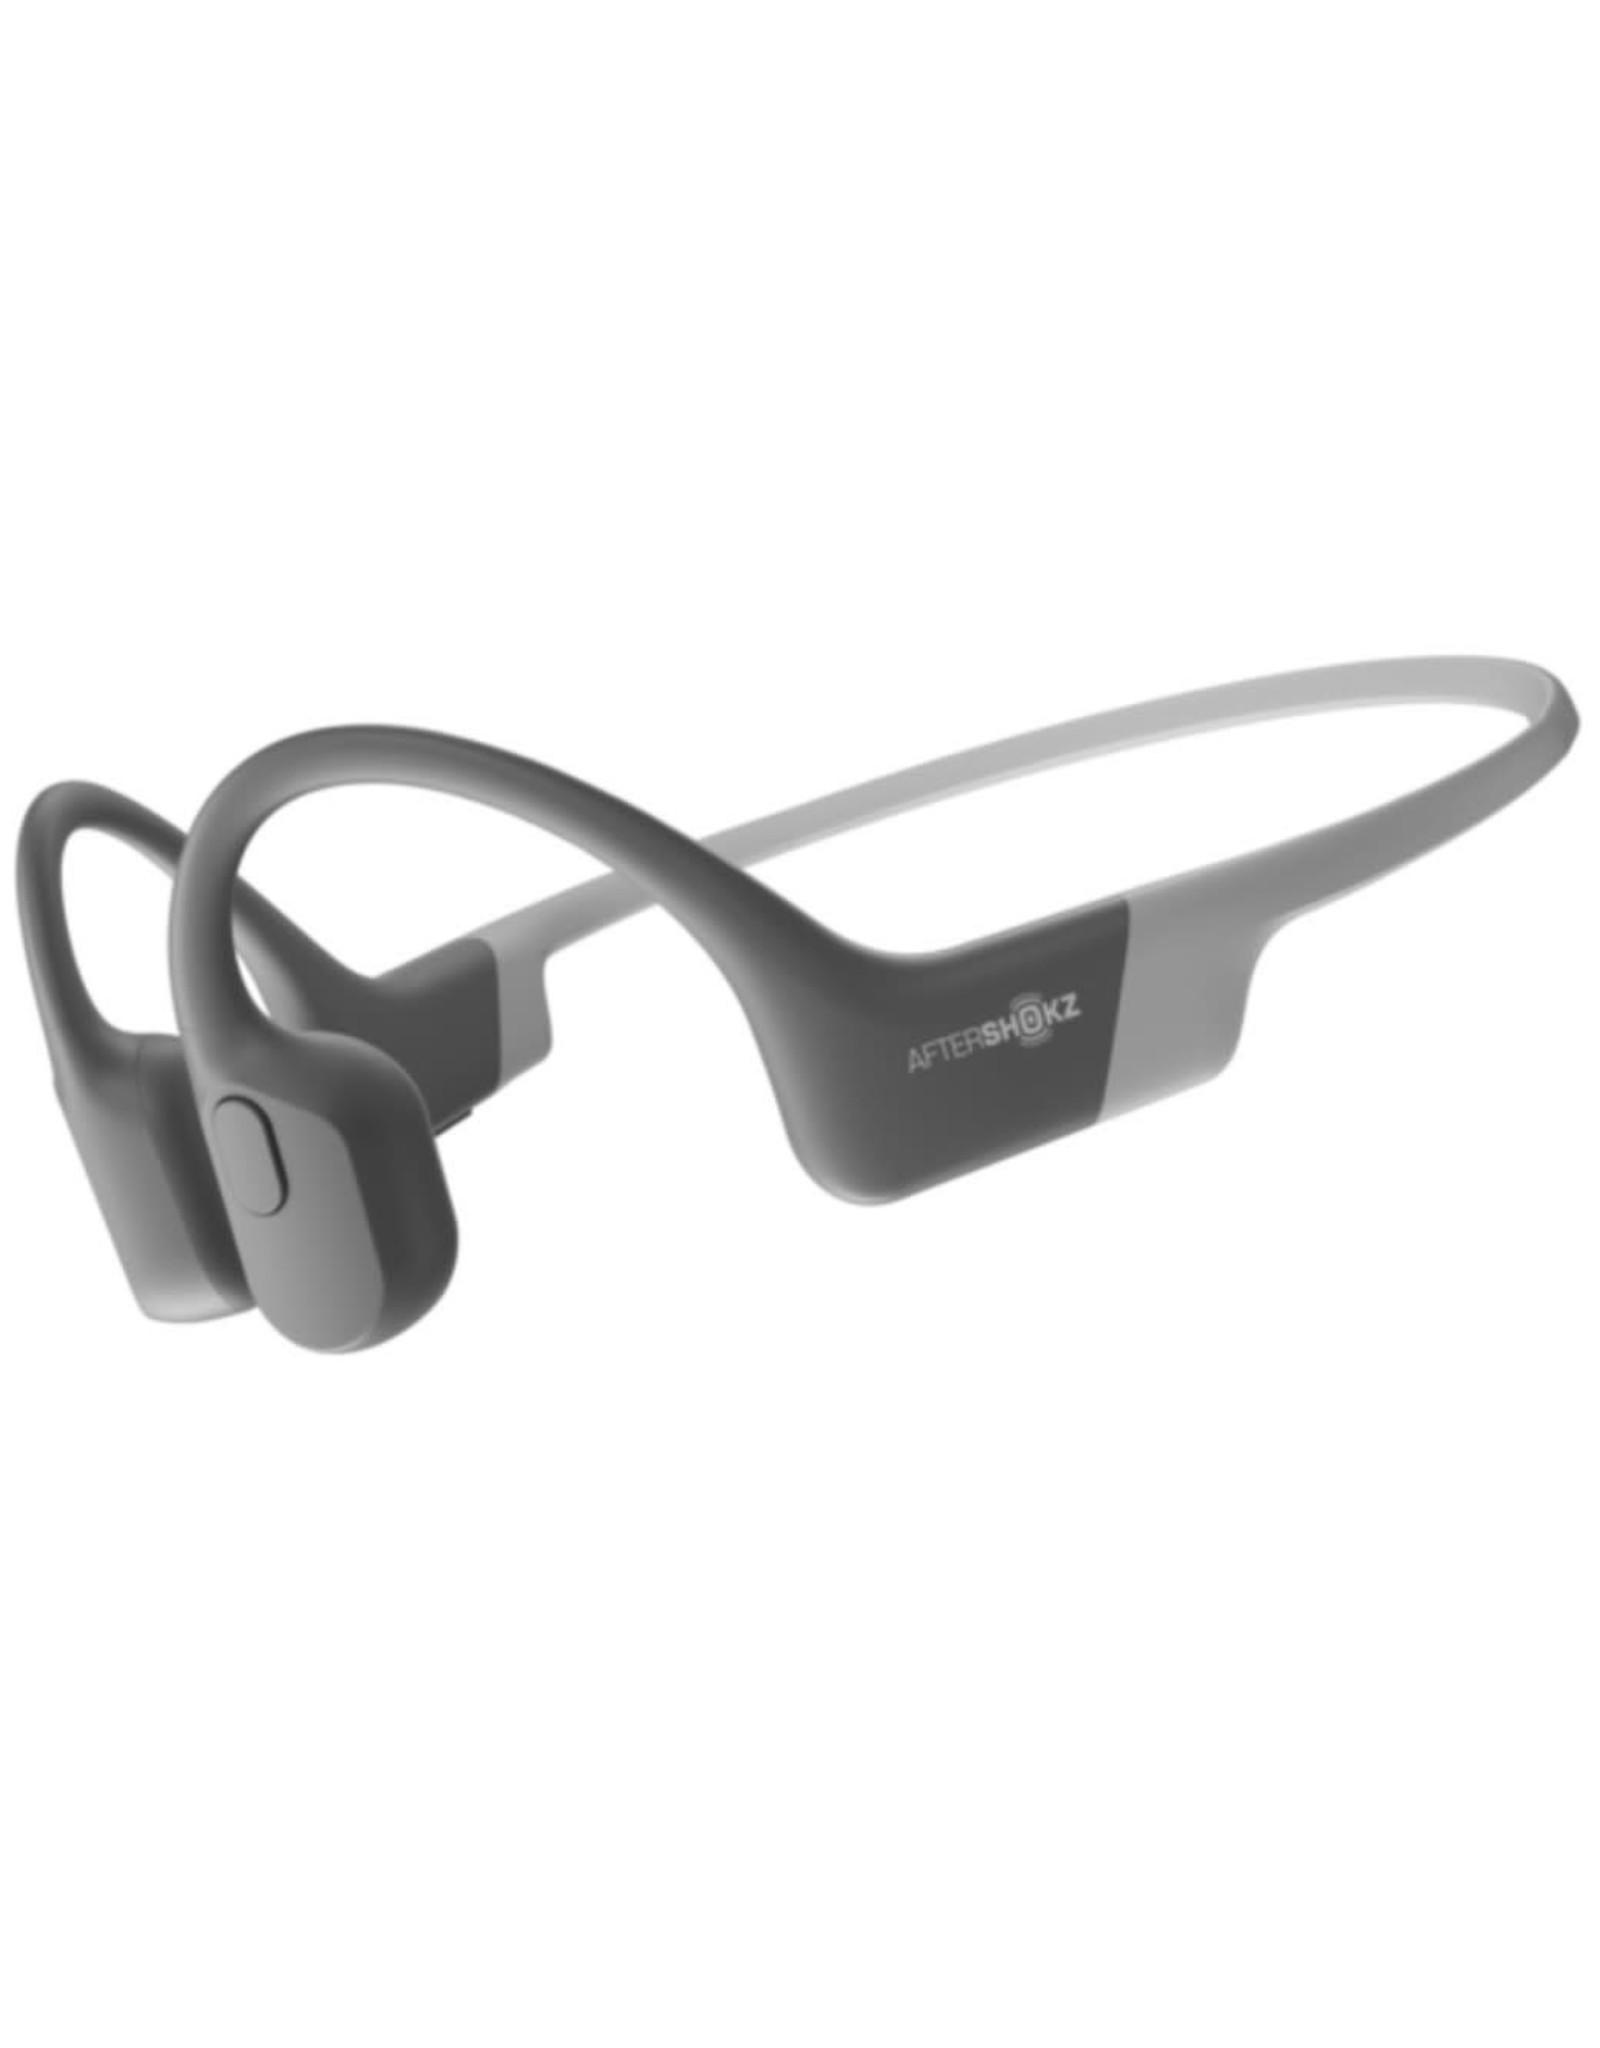 Aftershokz Aftershokz Aeropex Bluetooth Headphones IP67 Lunar Grey  SKU:49515